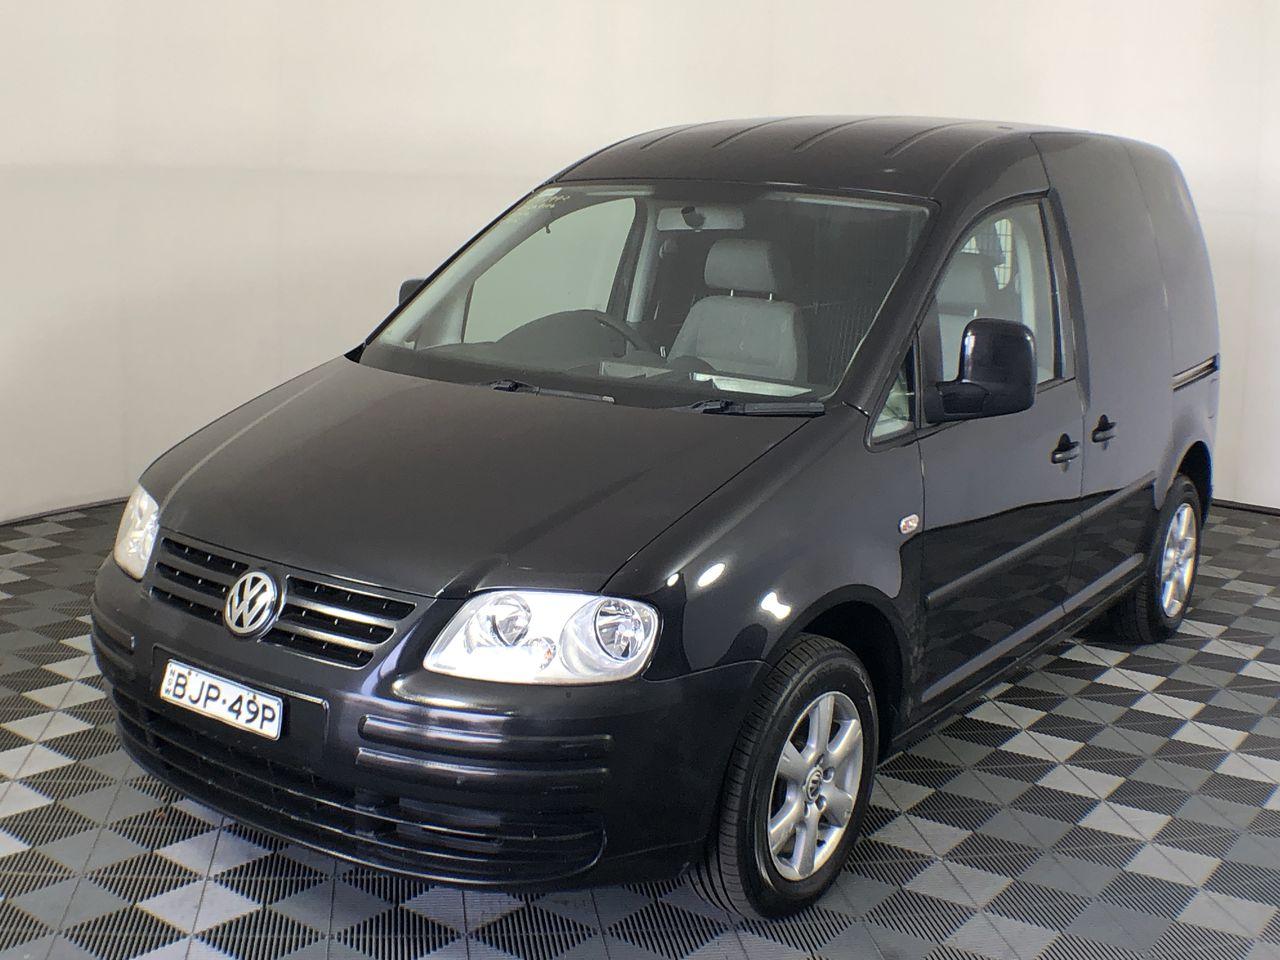 Volkswagen Caddy 1.9 TDI Turbo Diesel Automatic Van